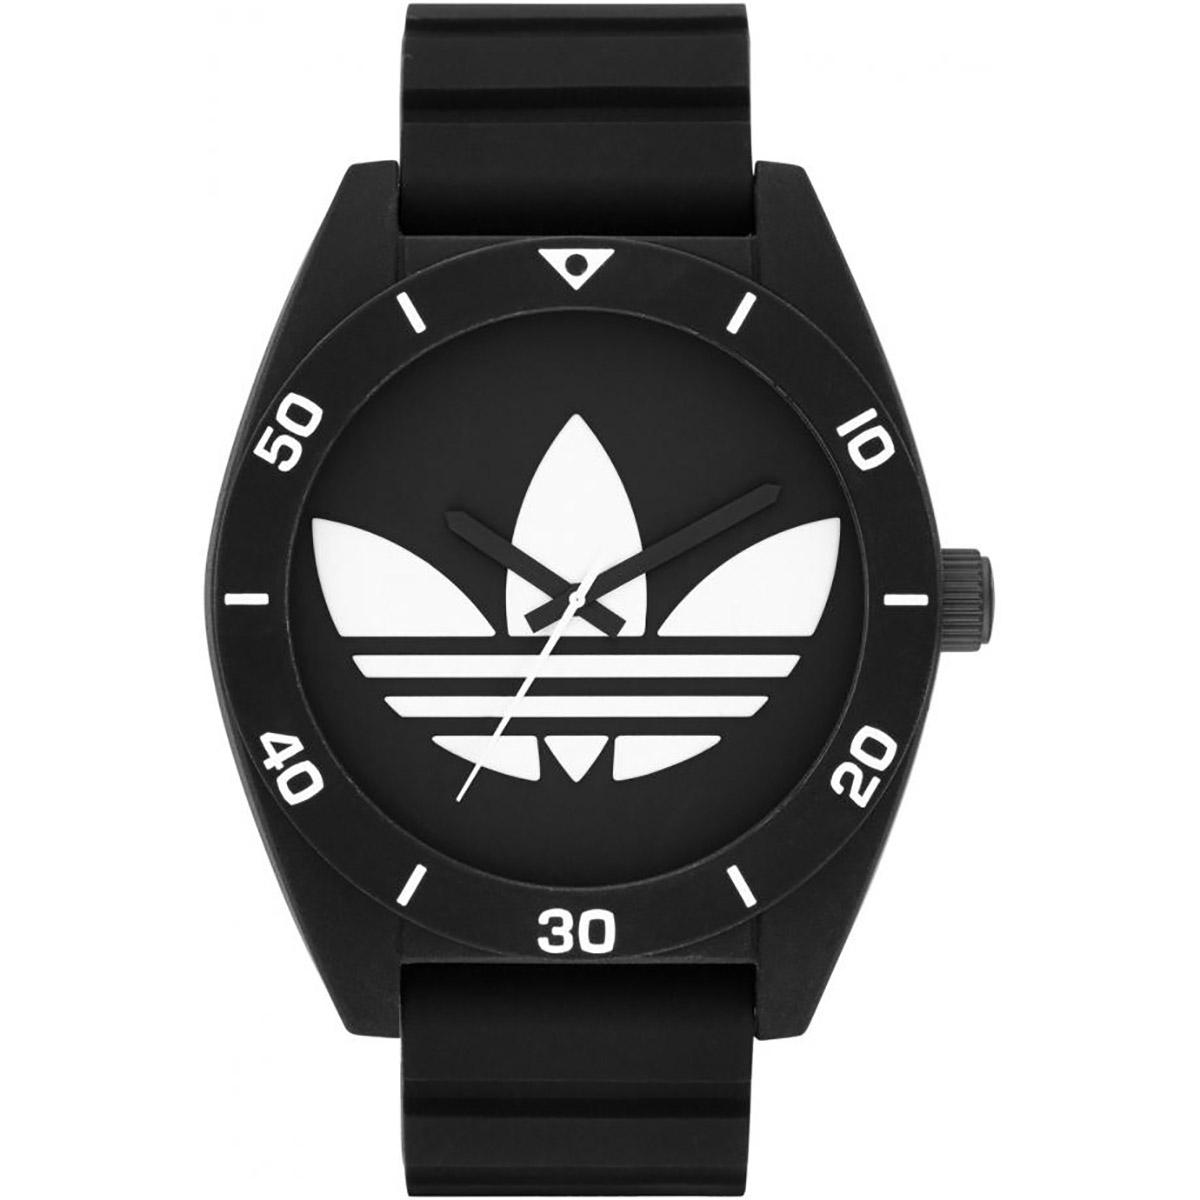 นาฬิกาผู้ชาย Adidas รุ่น ADH2967